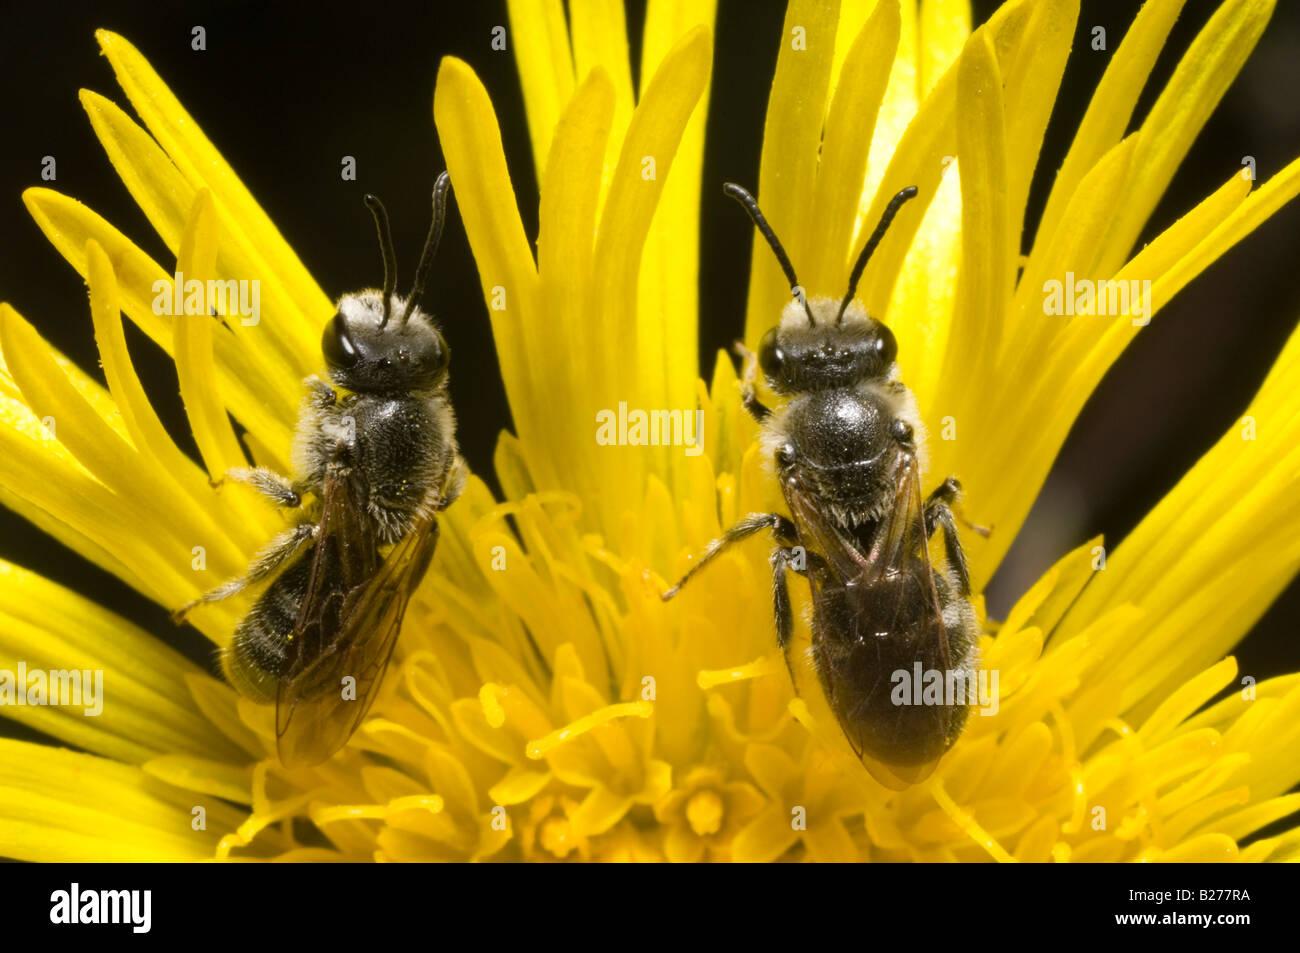 Australian native bees on podolepis flower - Stock Image